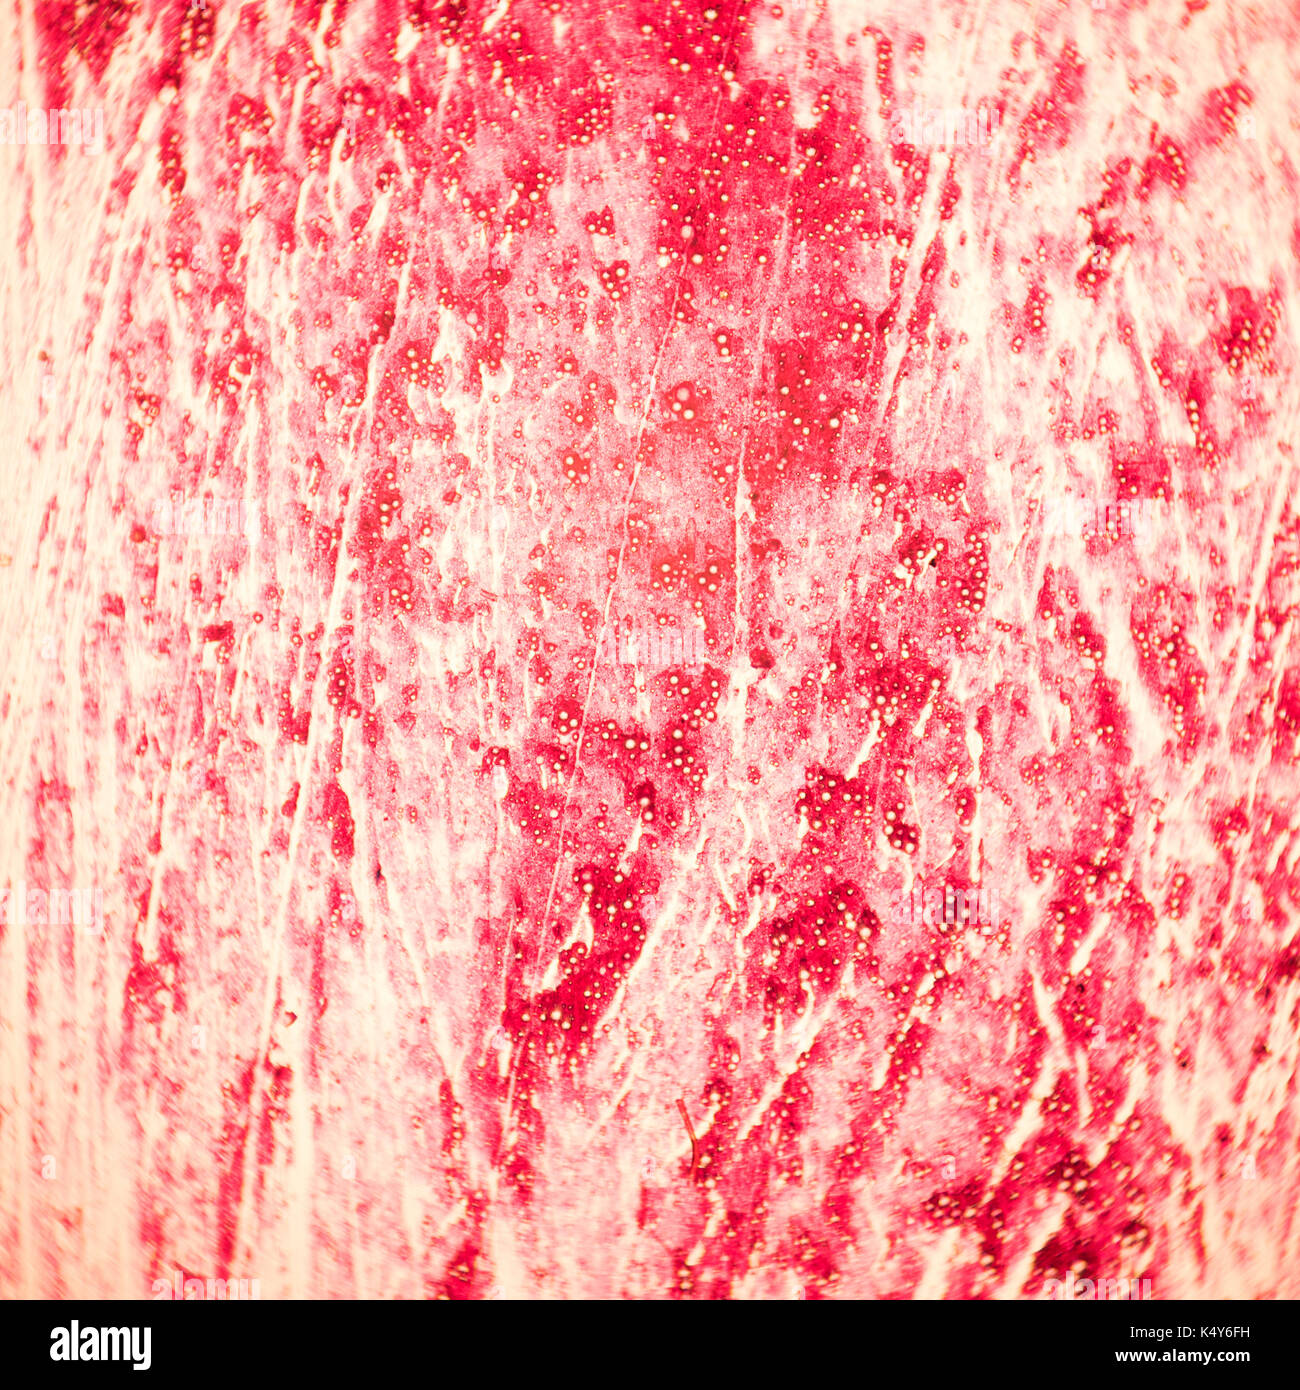 Anatomy Histology Cytology Stock Photos & Anatomy Histology Cytology ...